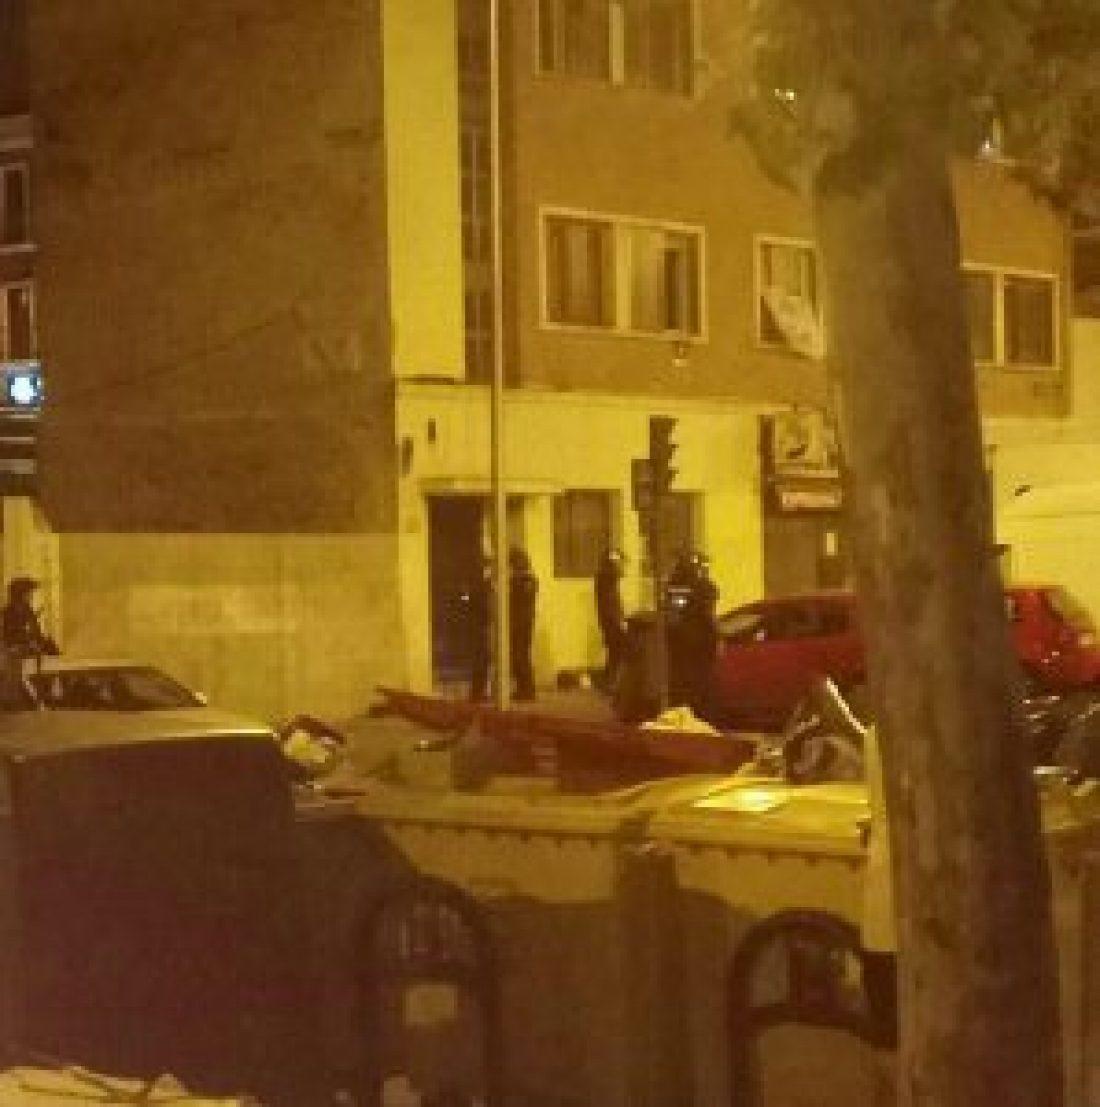 CGT se adhiere al comunicado de la Coordinadora Antifascista de Madrid tras el desalojo de La Trinchera y la represión de sus militantes